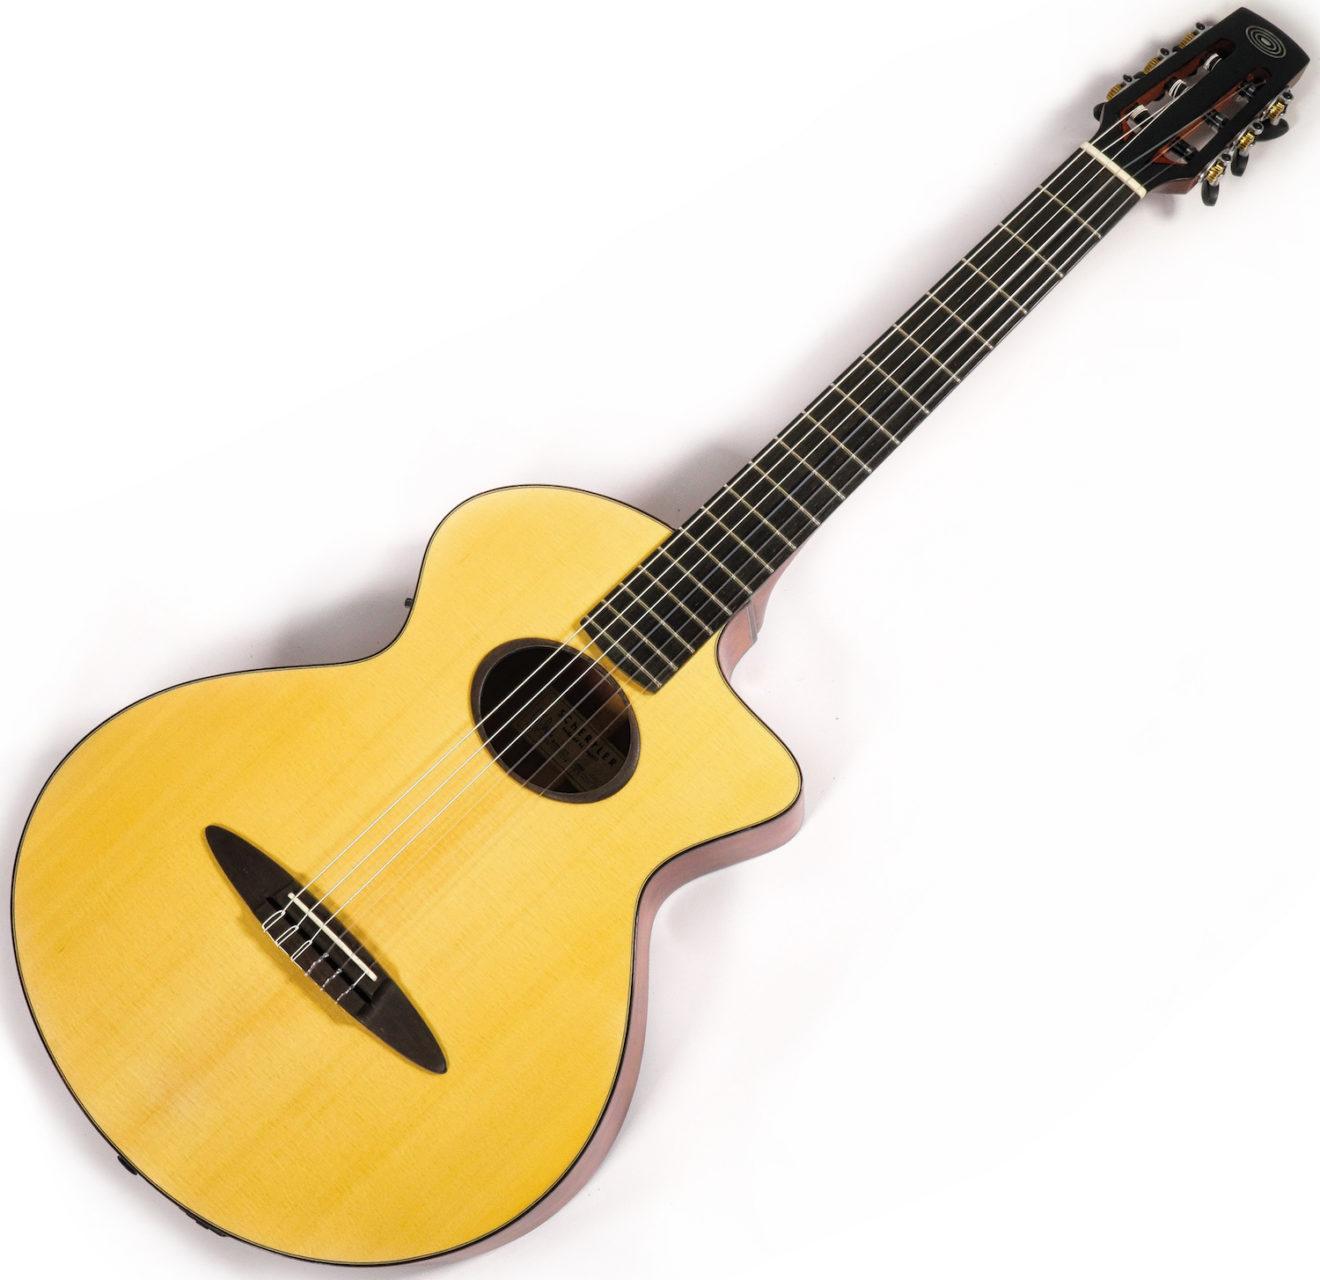 Schertler CP Classical guitar NOS